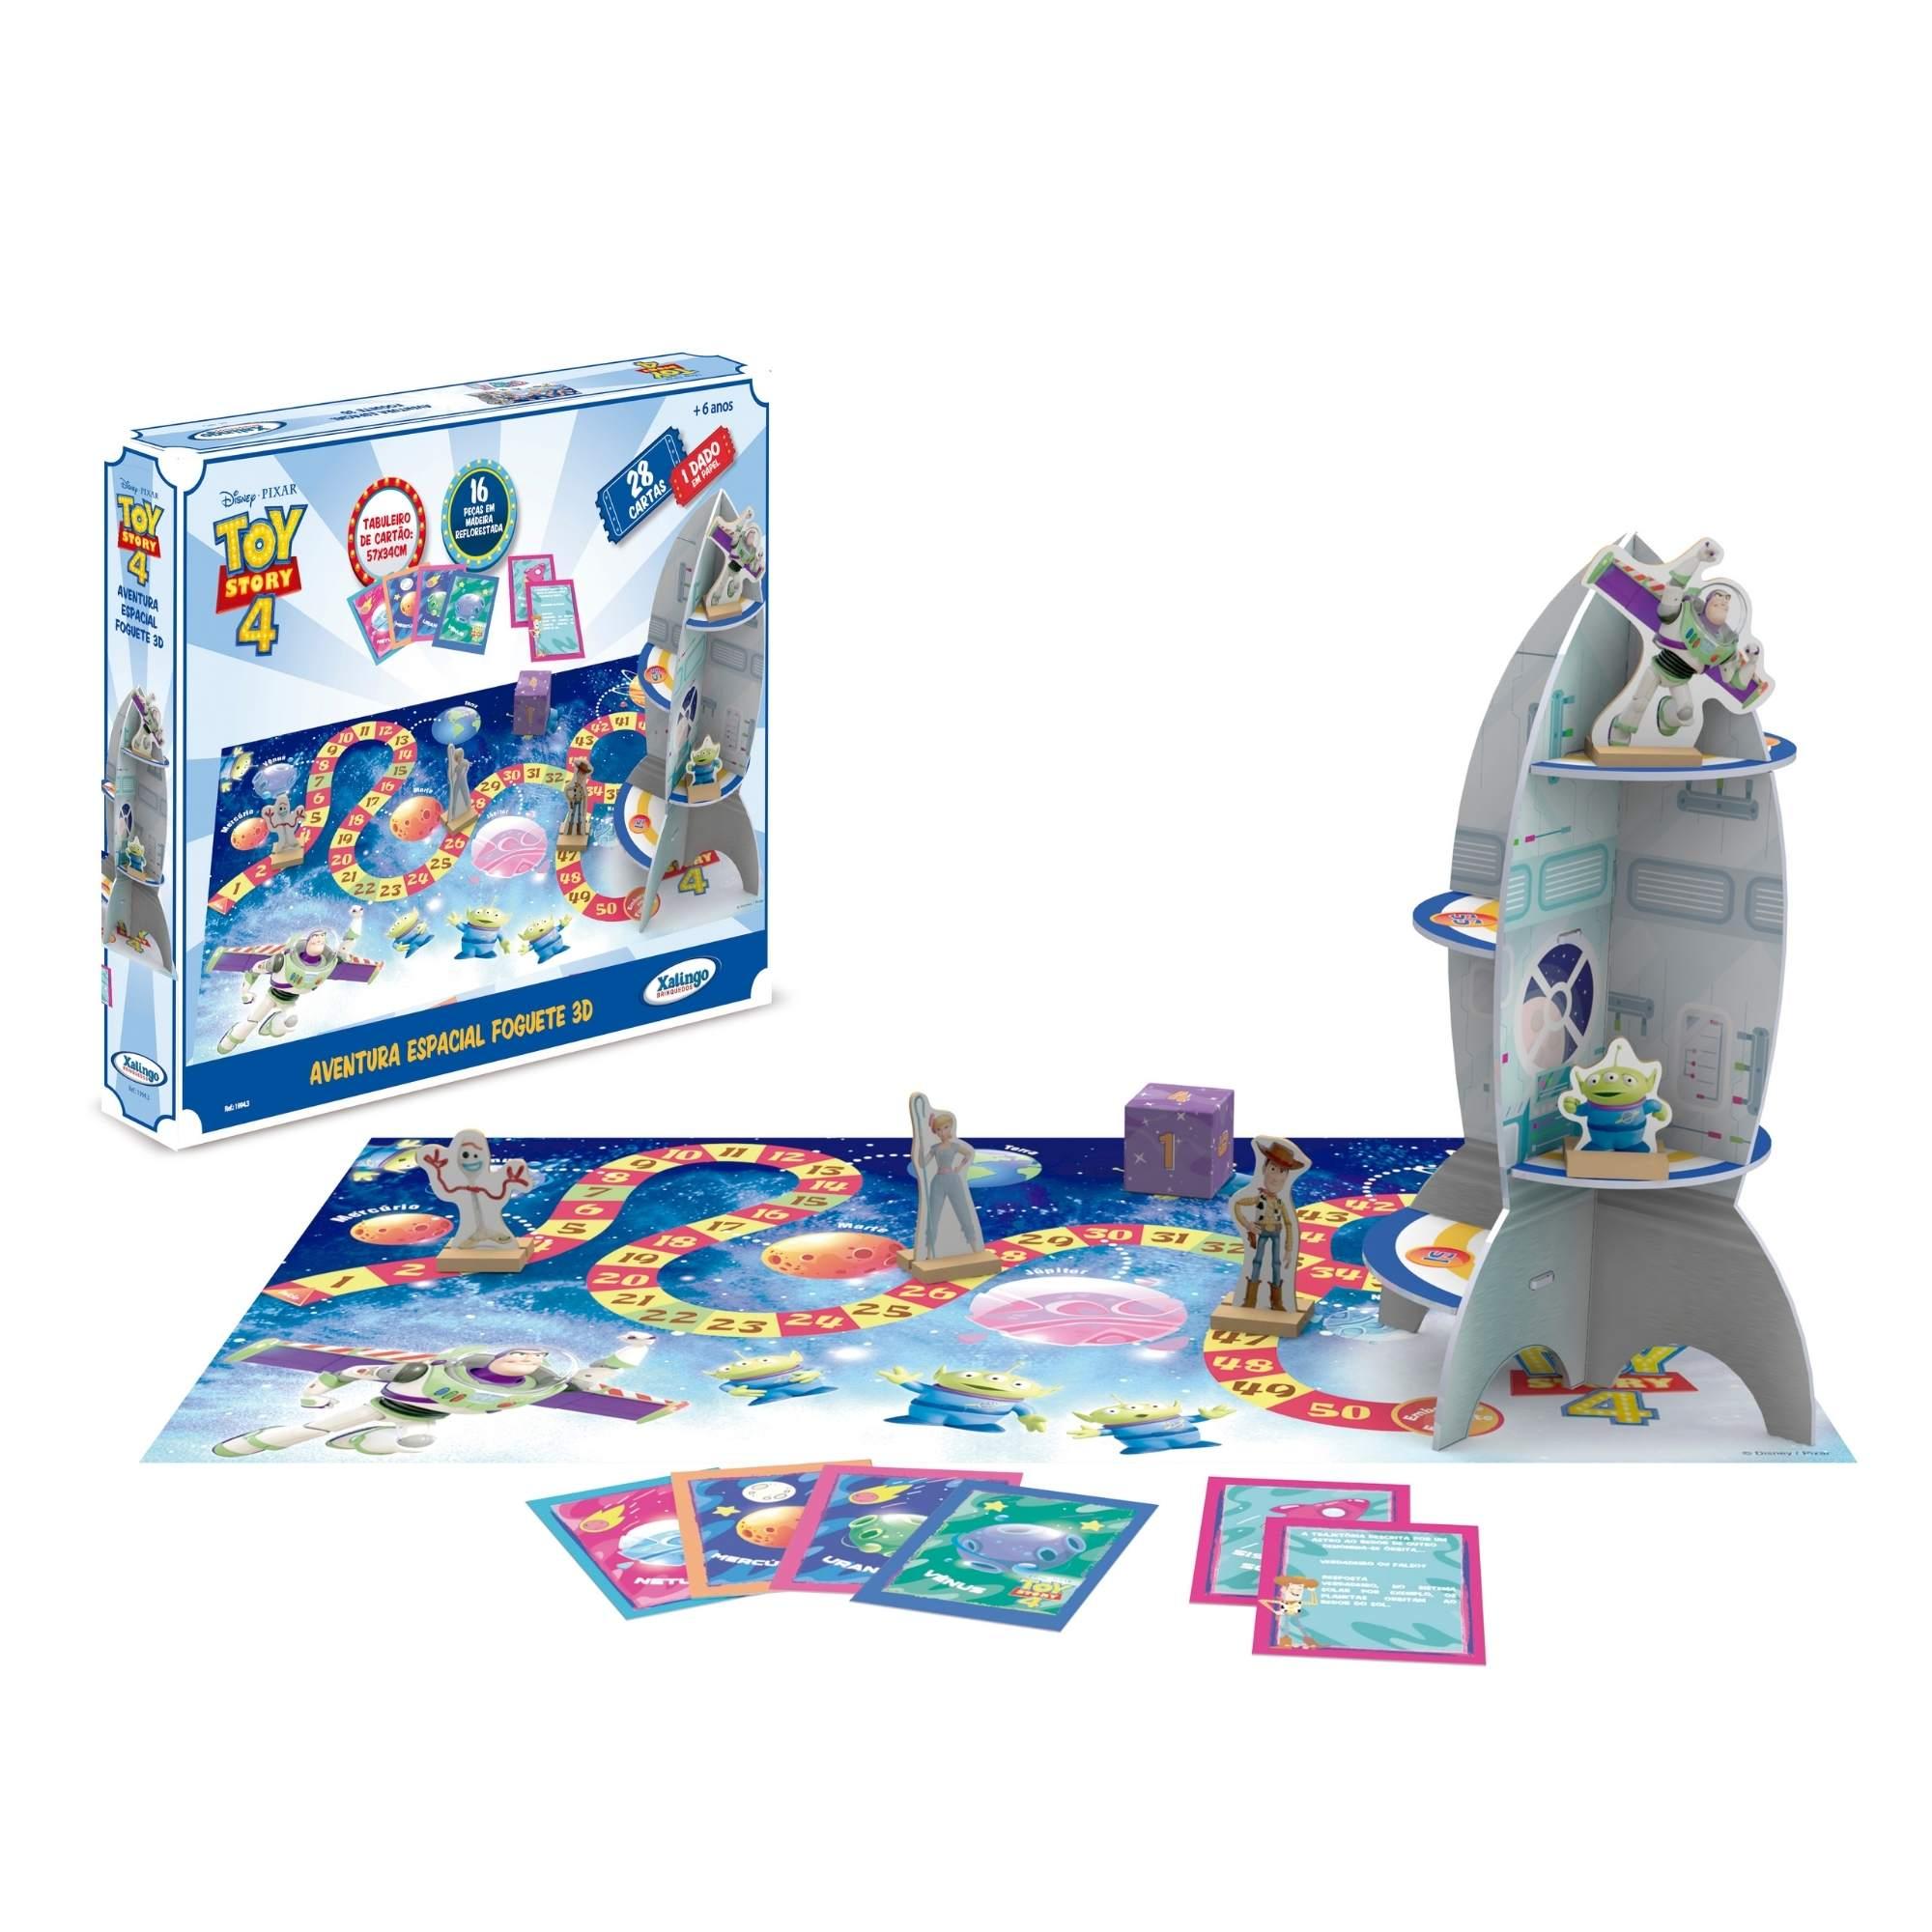 Jogo Aventura Espacial Foguete 3 D Toy Story